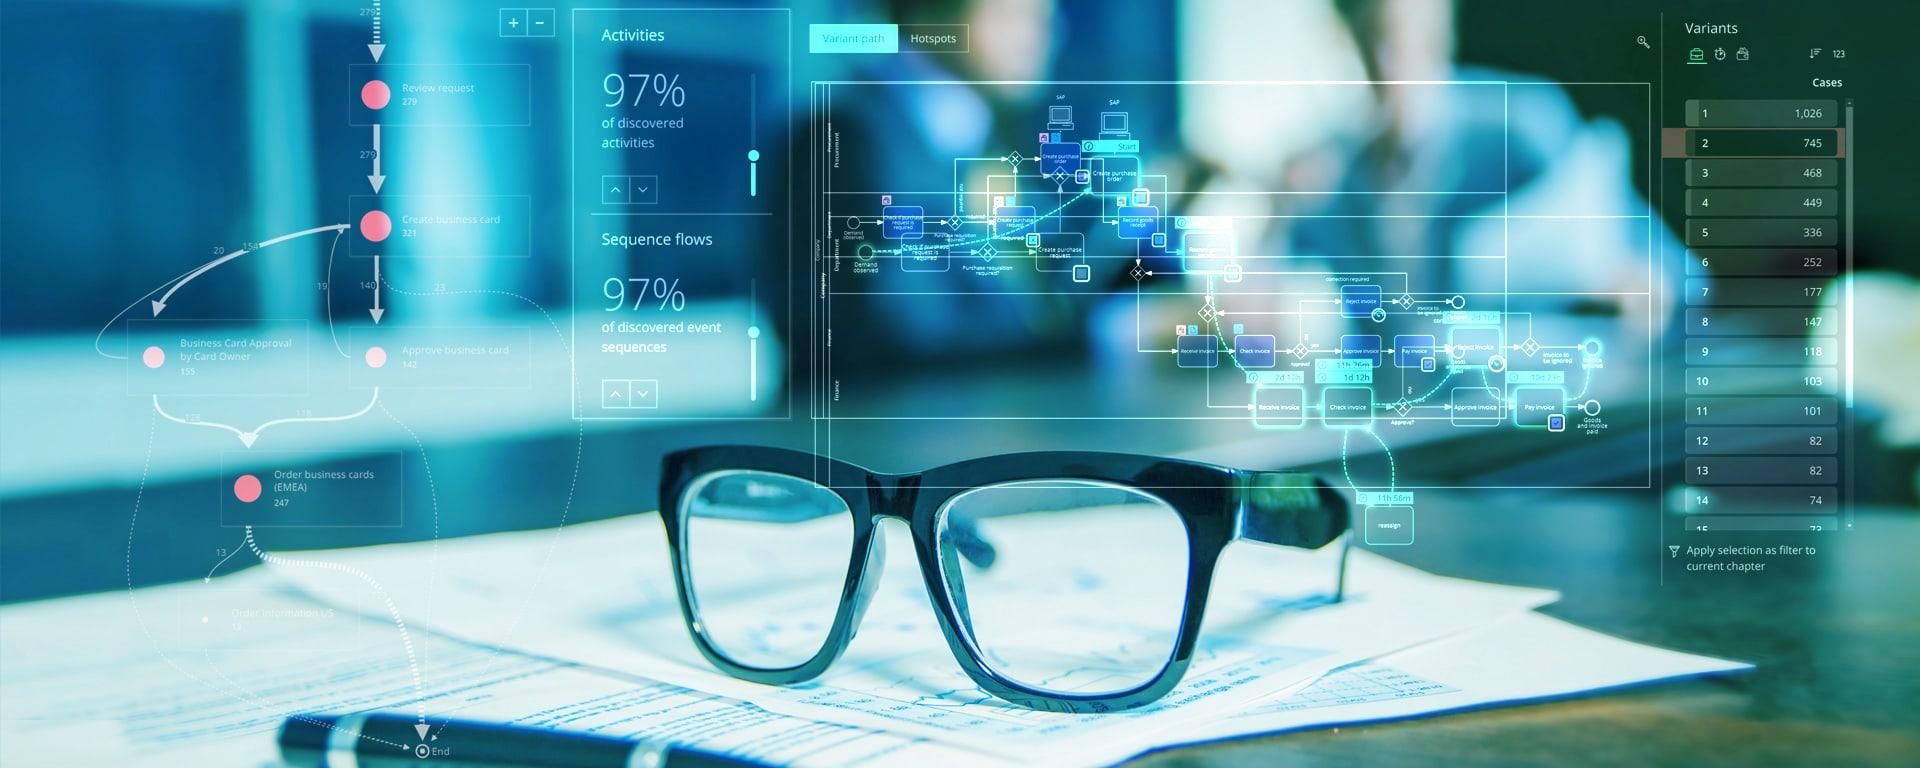 Process Mining für Banken Blog Header-Bild - Brille auf Papier